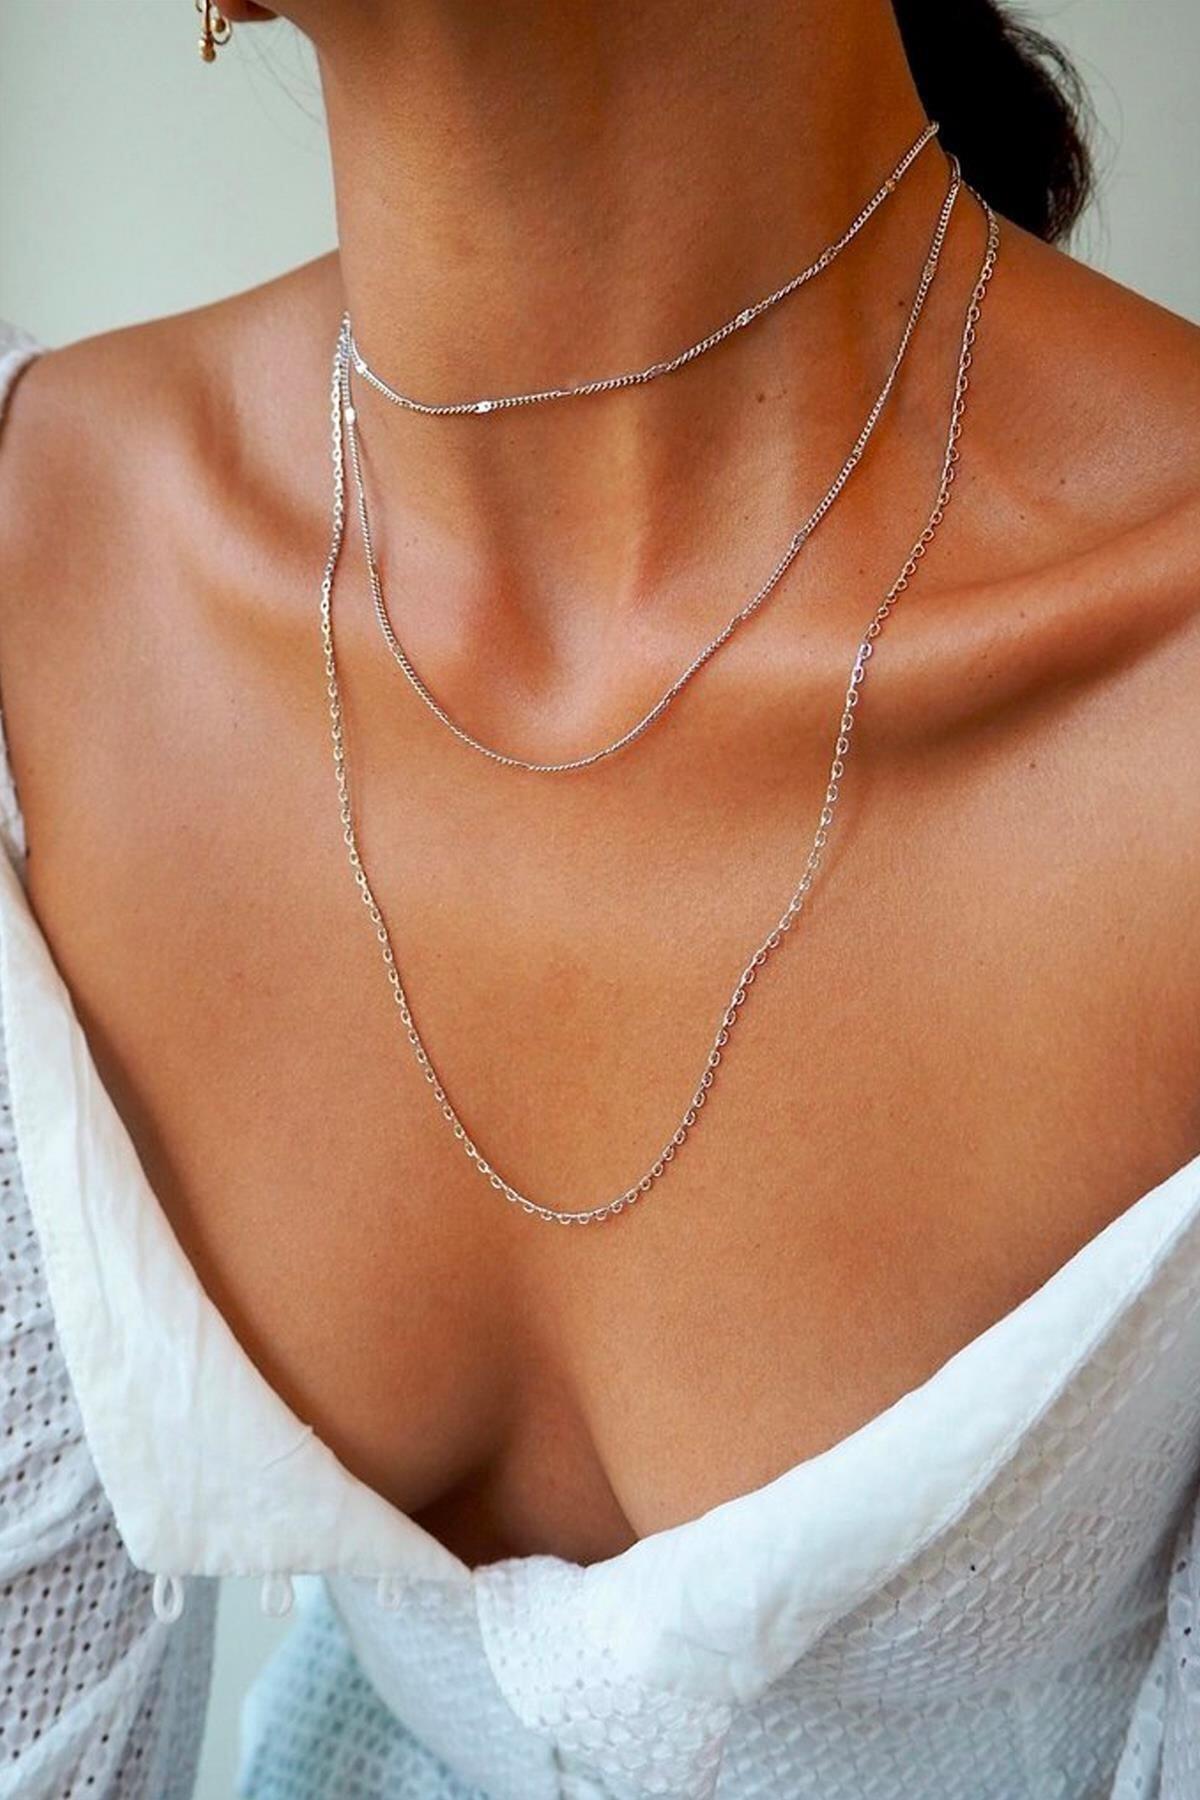 X-Lady Accessories Kadın Çoklu Şeri Kolye Gümüş Renk 1